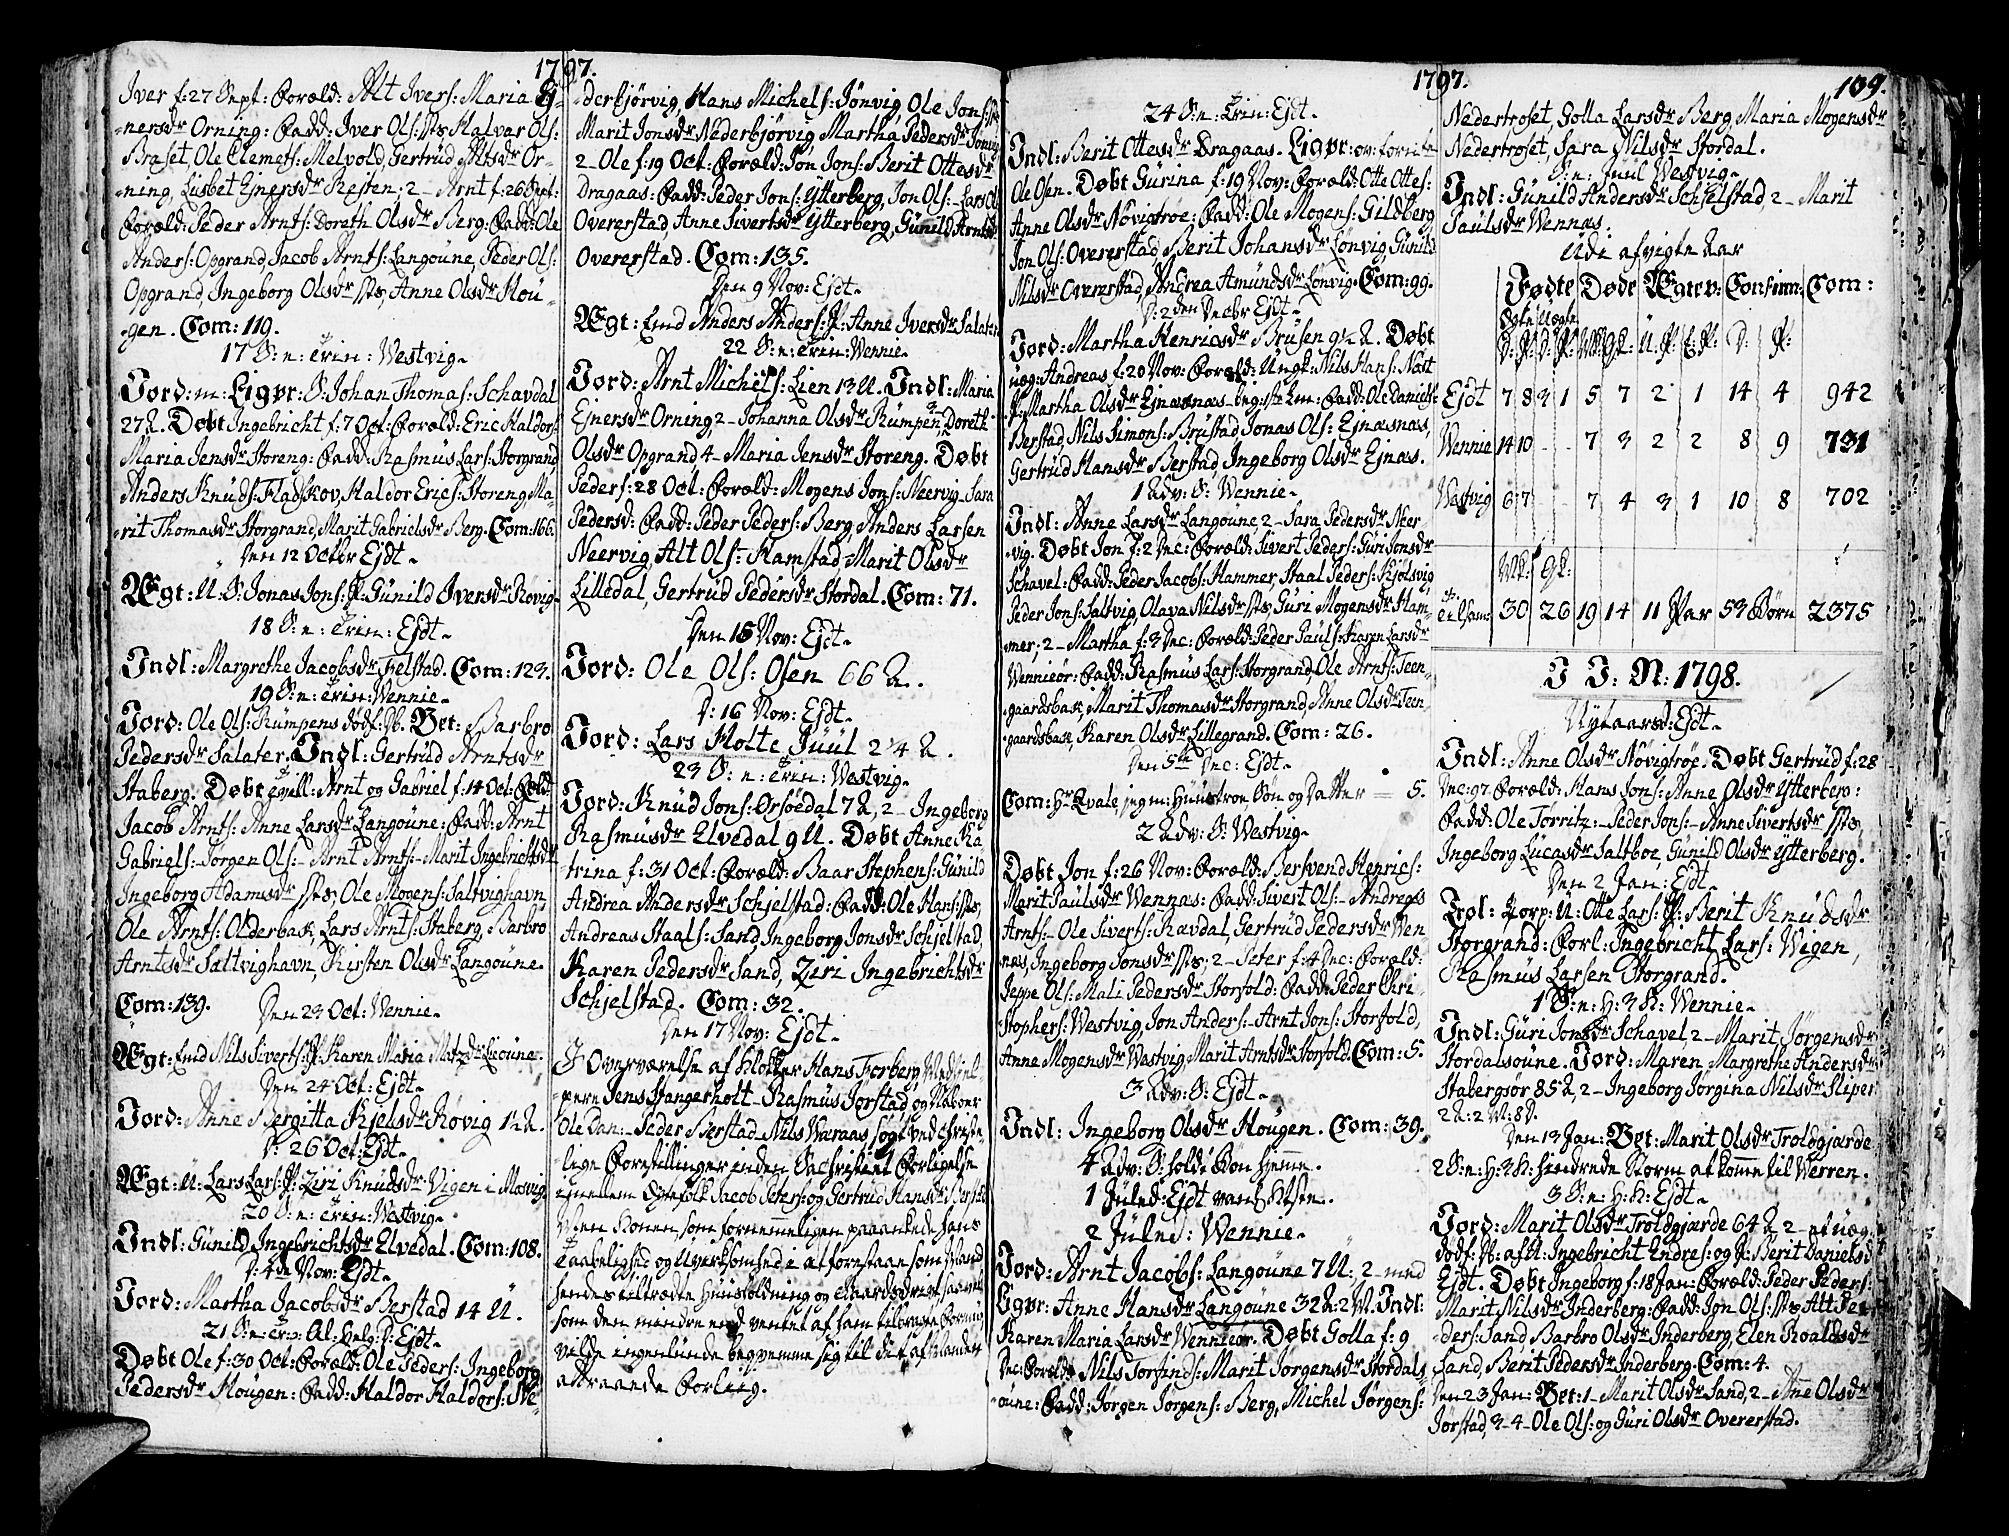 SAT, Ministerialprotokoller, klokkerbøker og fødselsregistre - Nord-Trøndelag, 722/L0216: Ministerialbok nr. 722A03, 1756-1816, s. 139